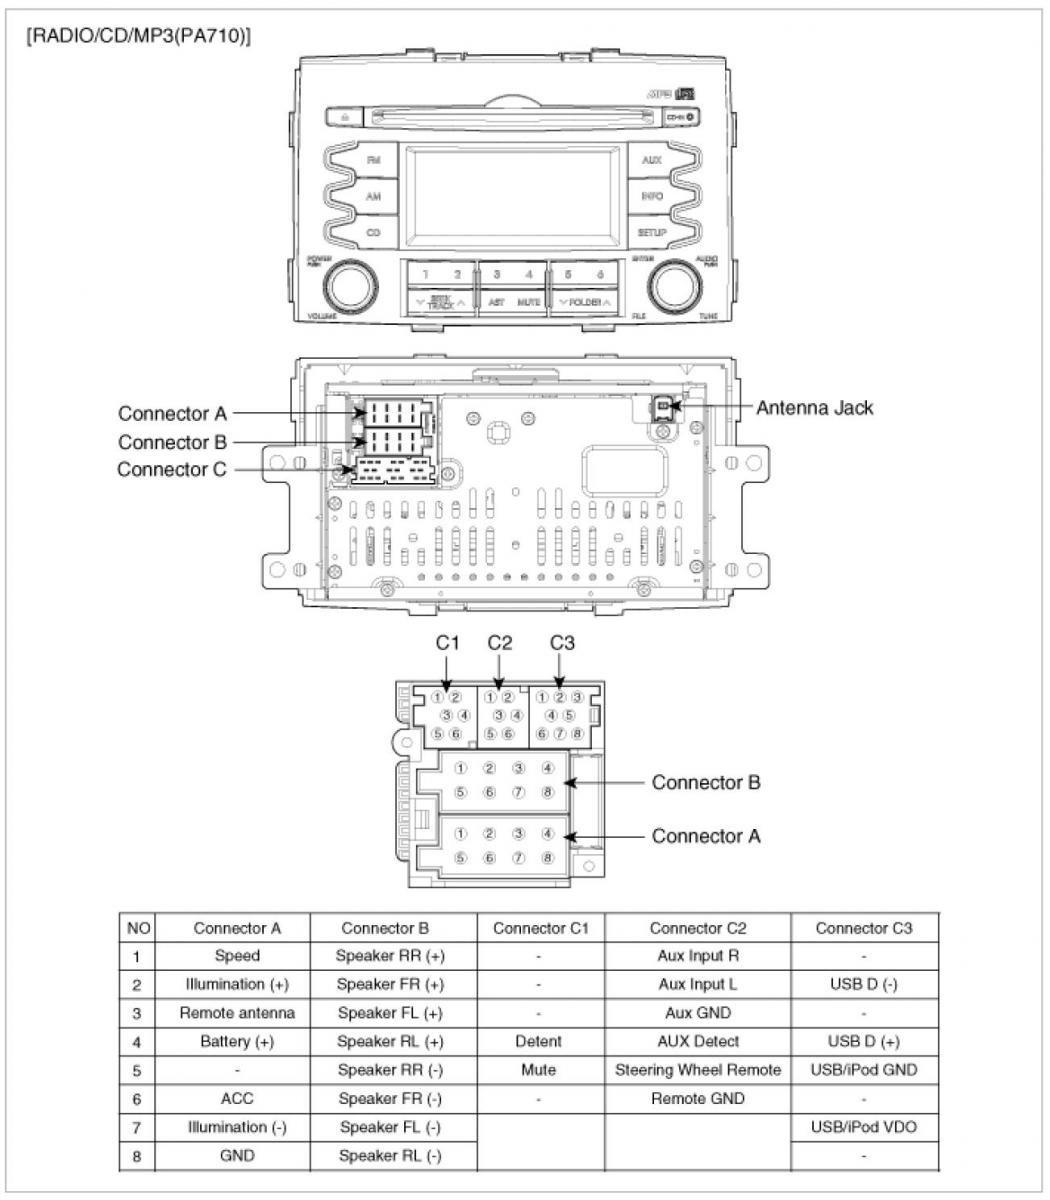 2006 kia sedona radio wiring diagram lx 5826  02 kia optima stereo wiring diagram  kia optima stereo wiring diagram